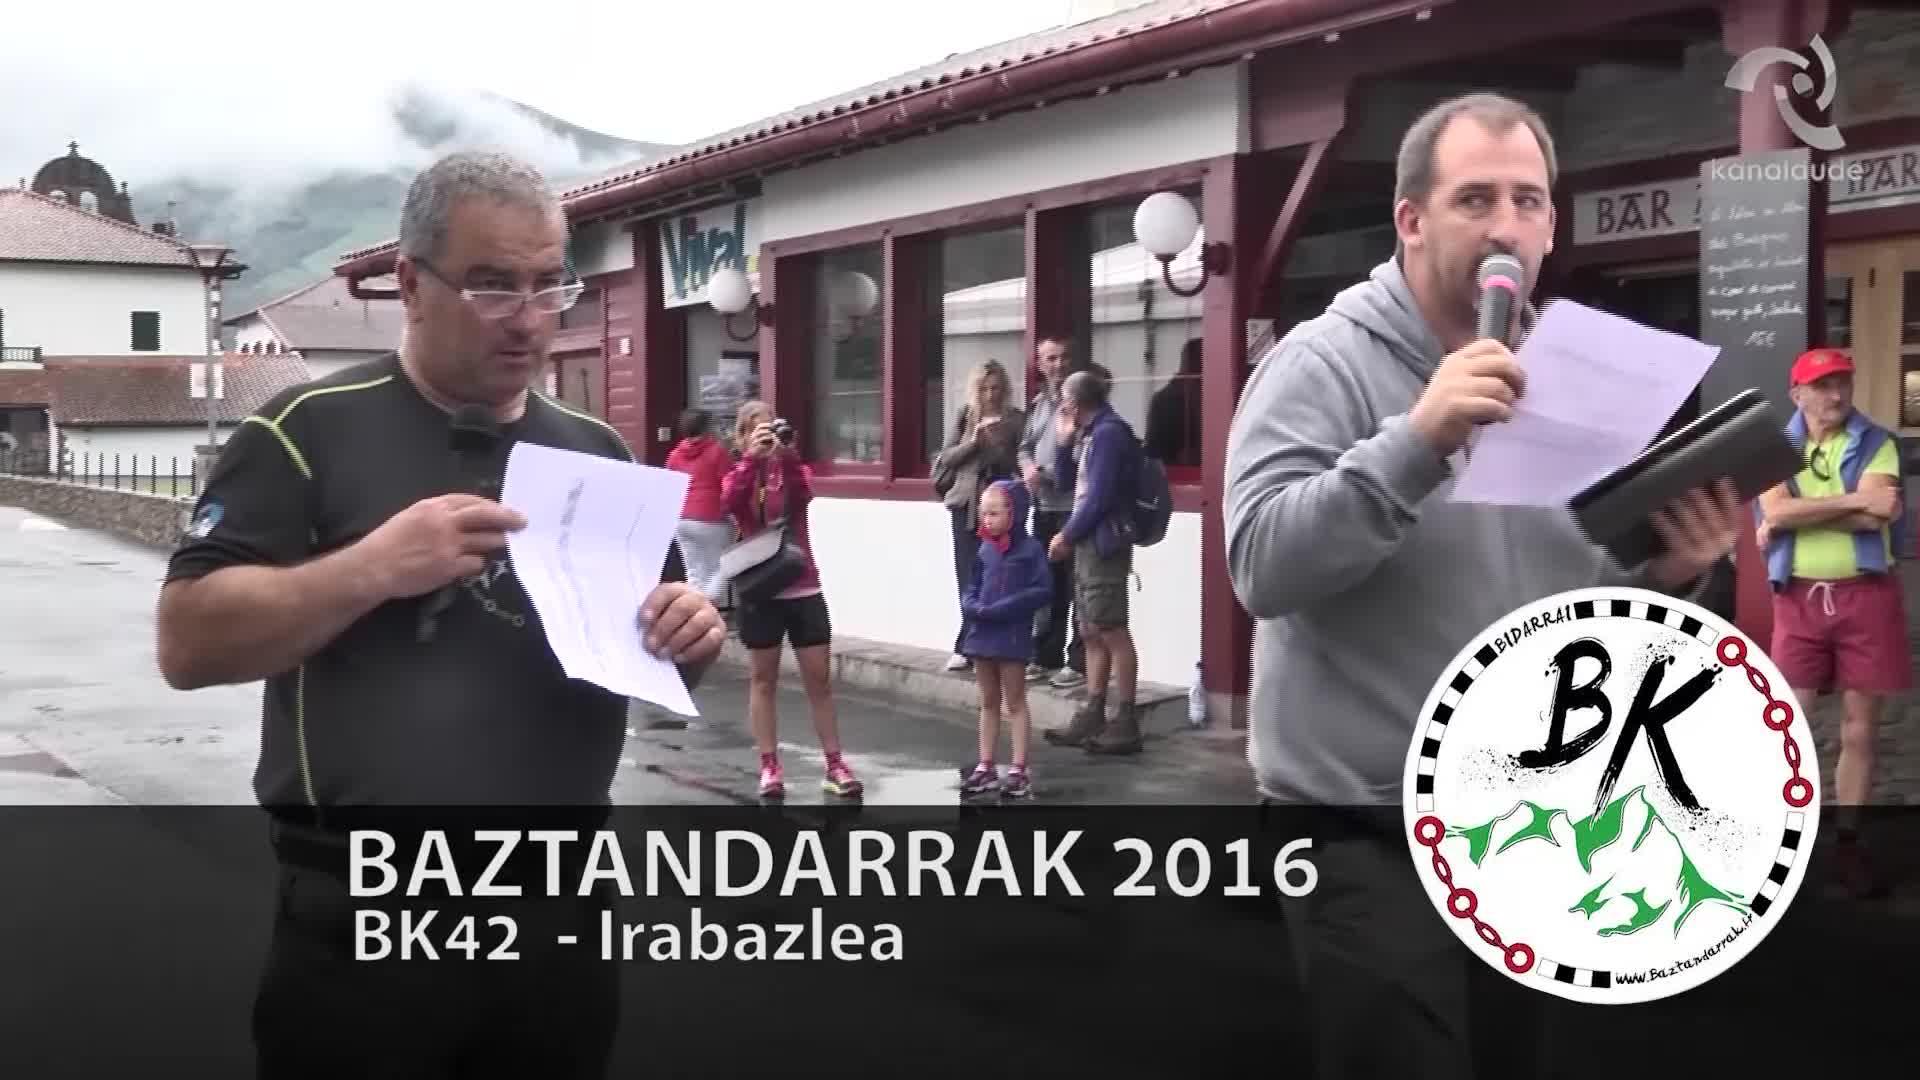 BAZTANDARRAK 2016 BK42 Lehen heltzea